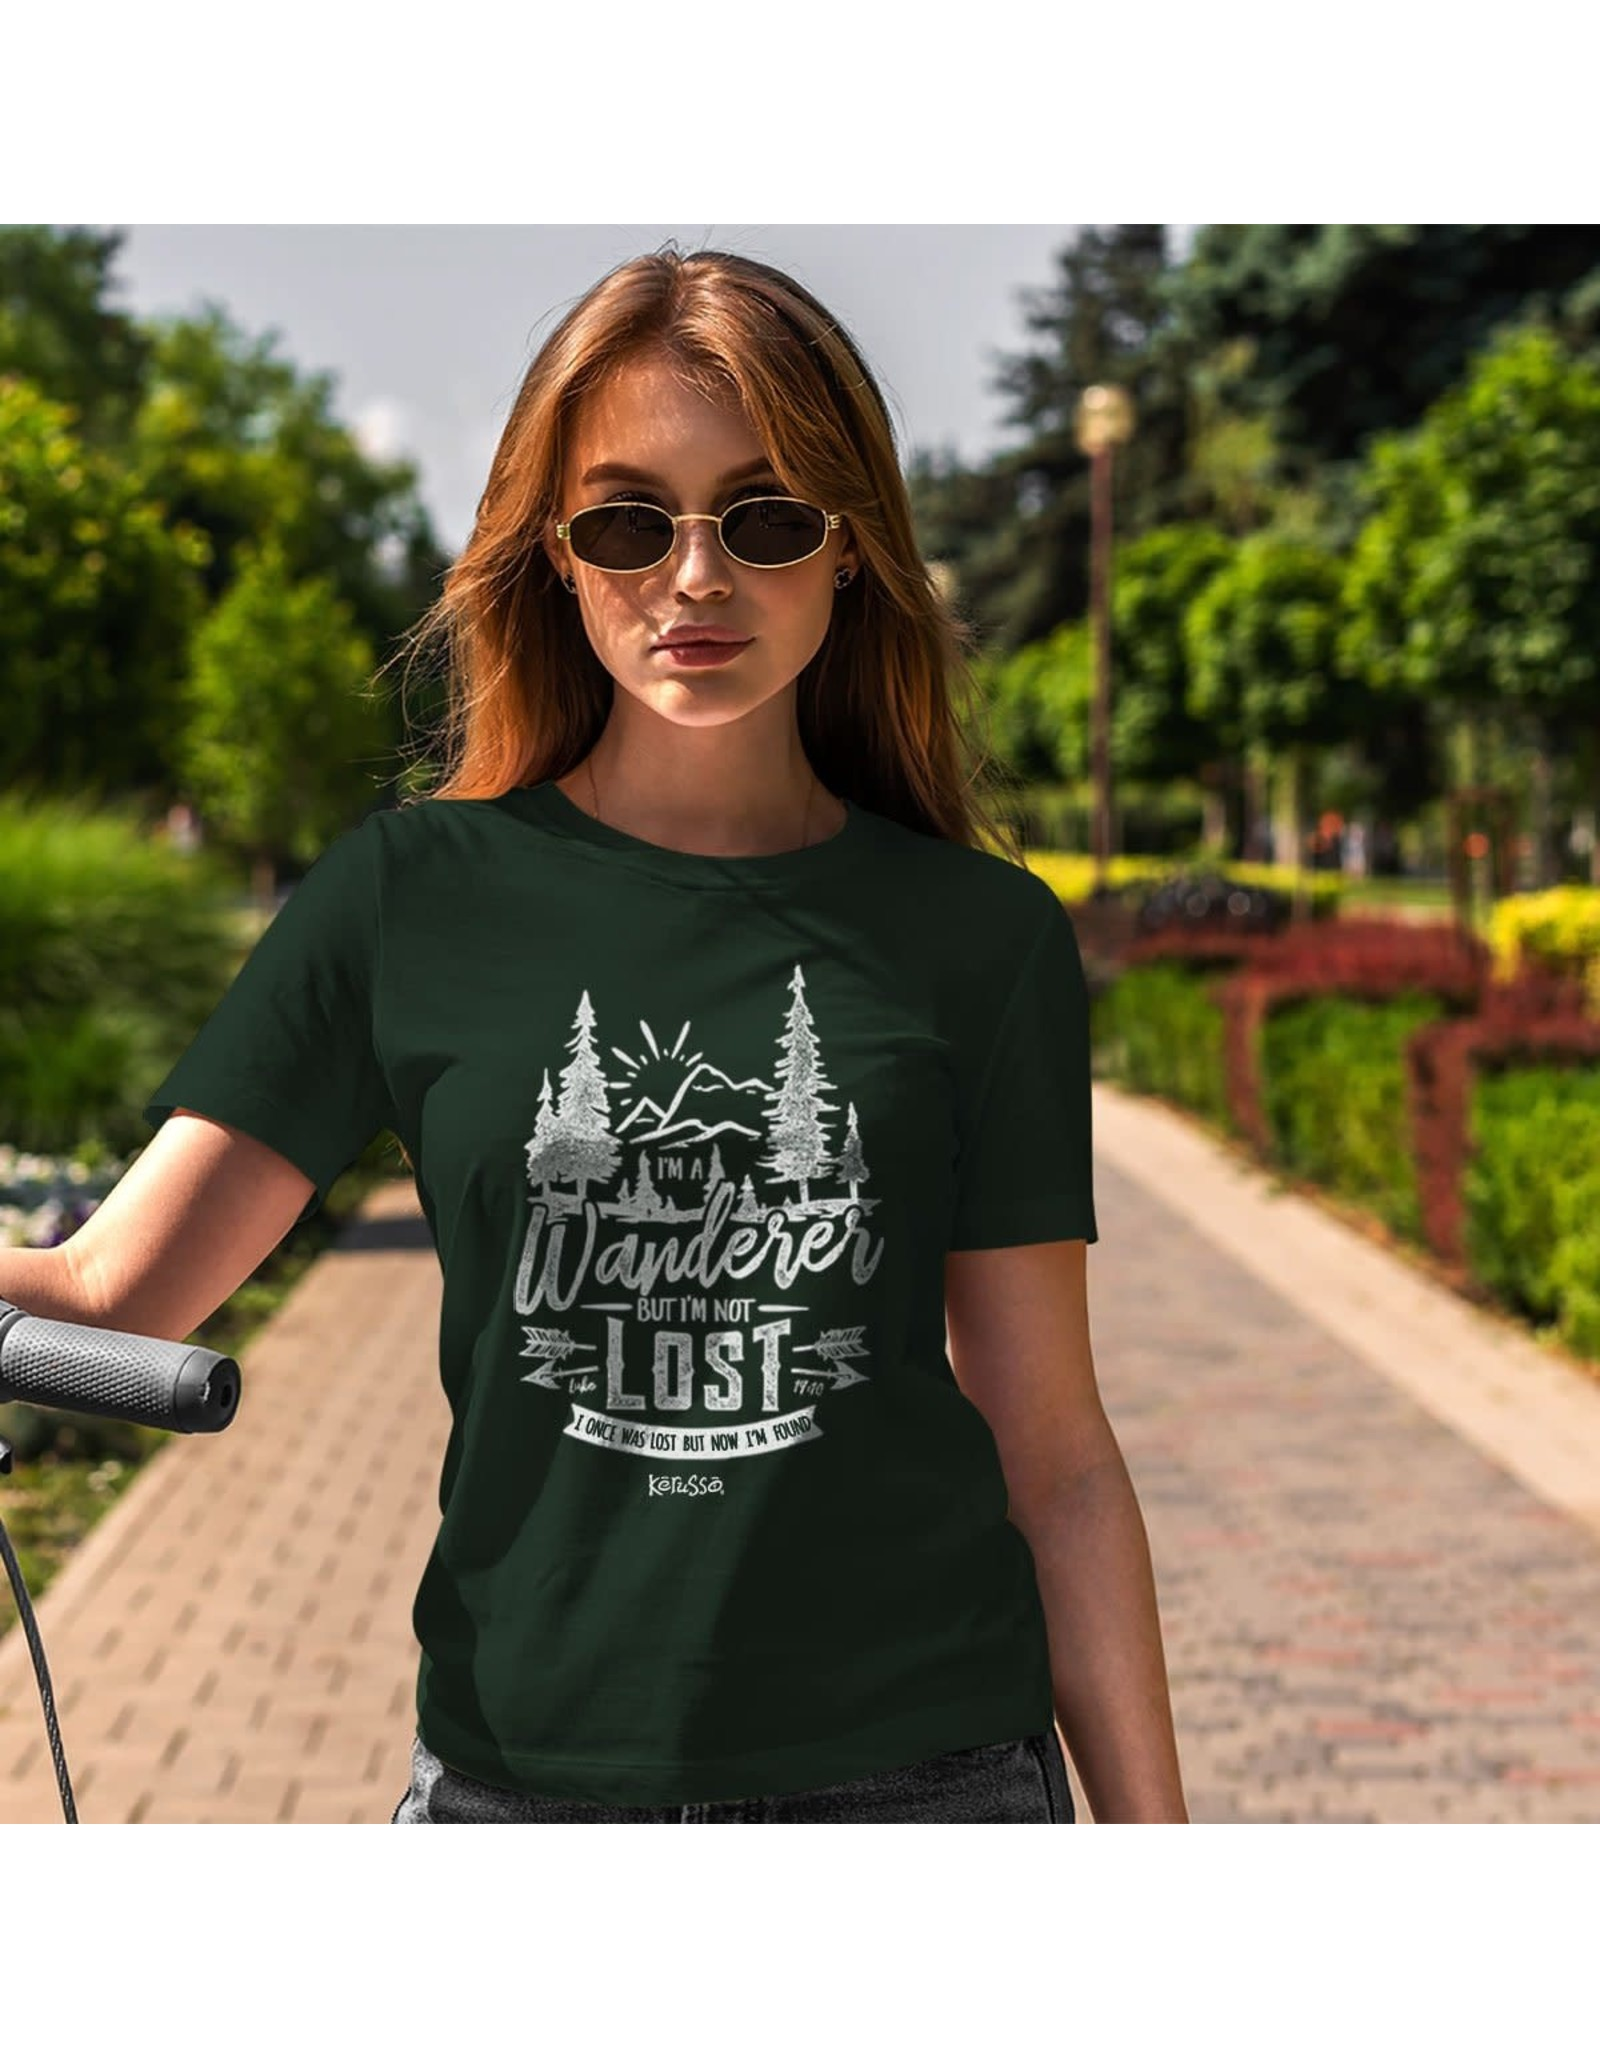 Adult Shirt - Wanderer